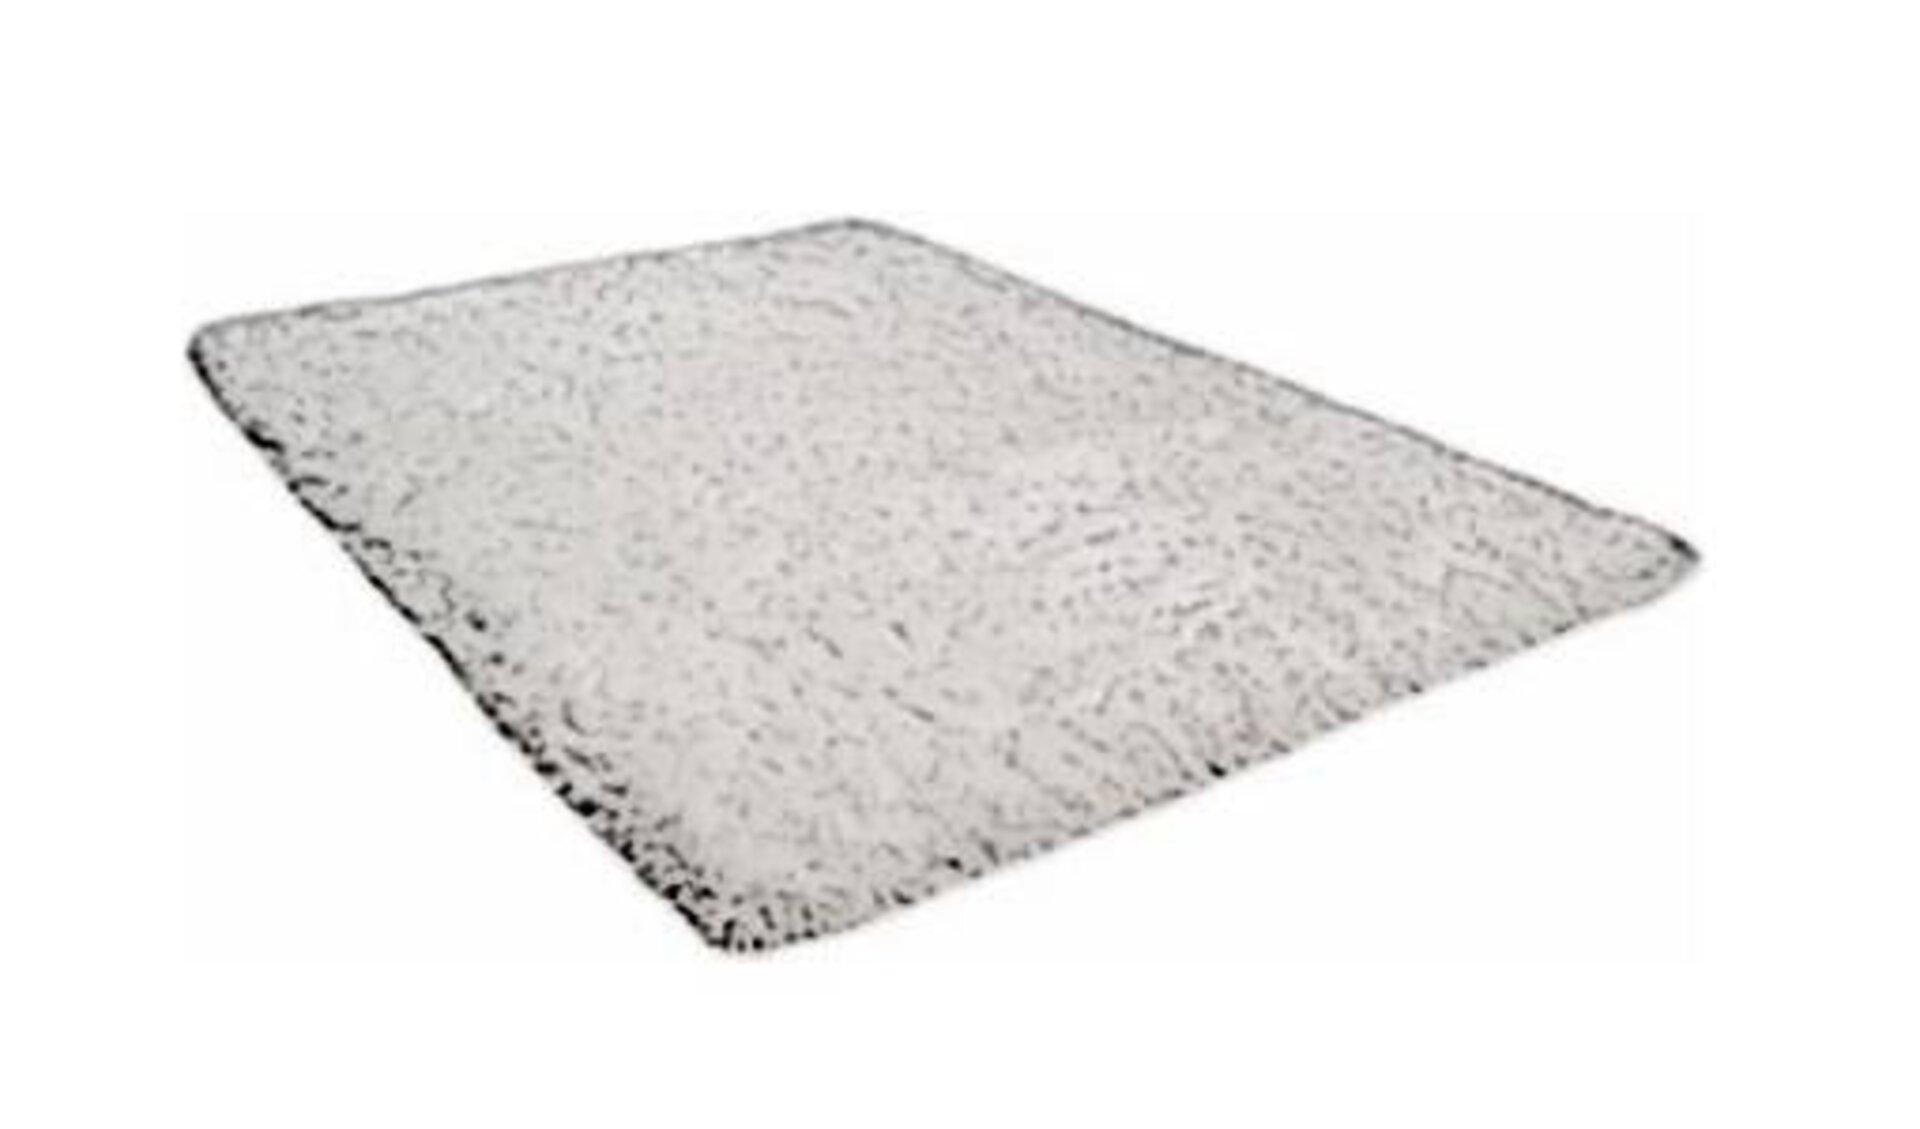 Icon für Handtuftteppich zeigt einen weißen Teppich, der an Hochflorteppiche erinnert.